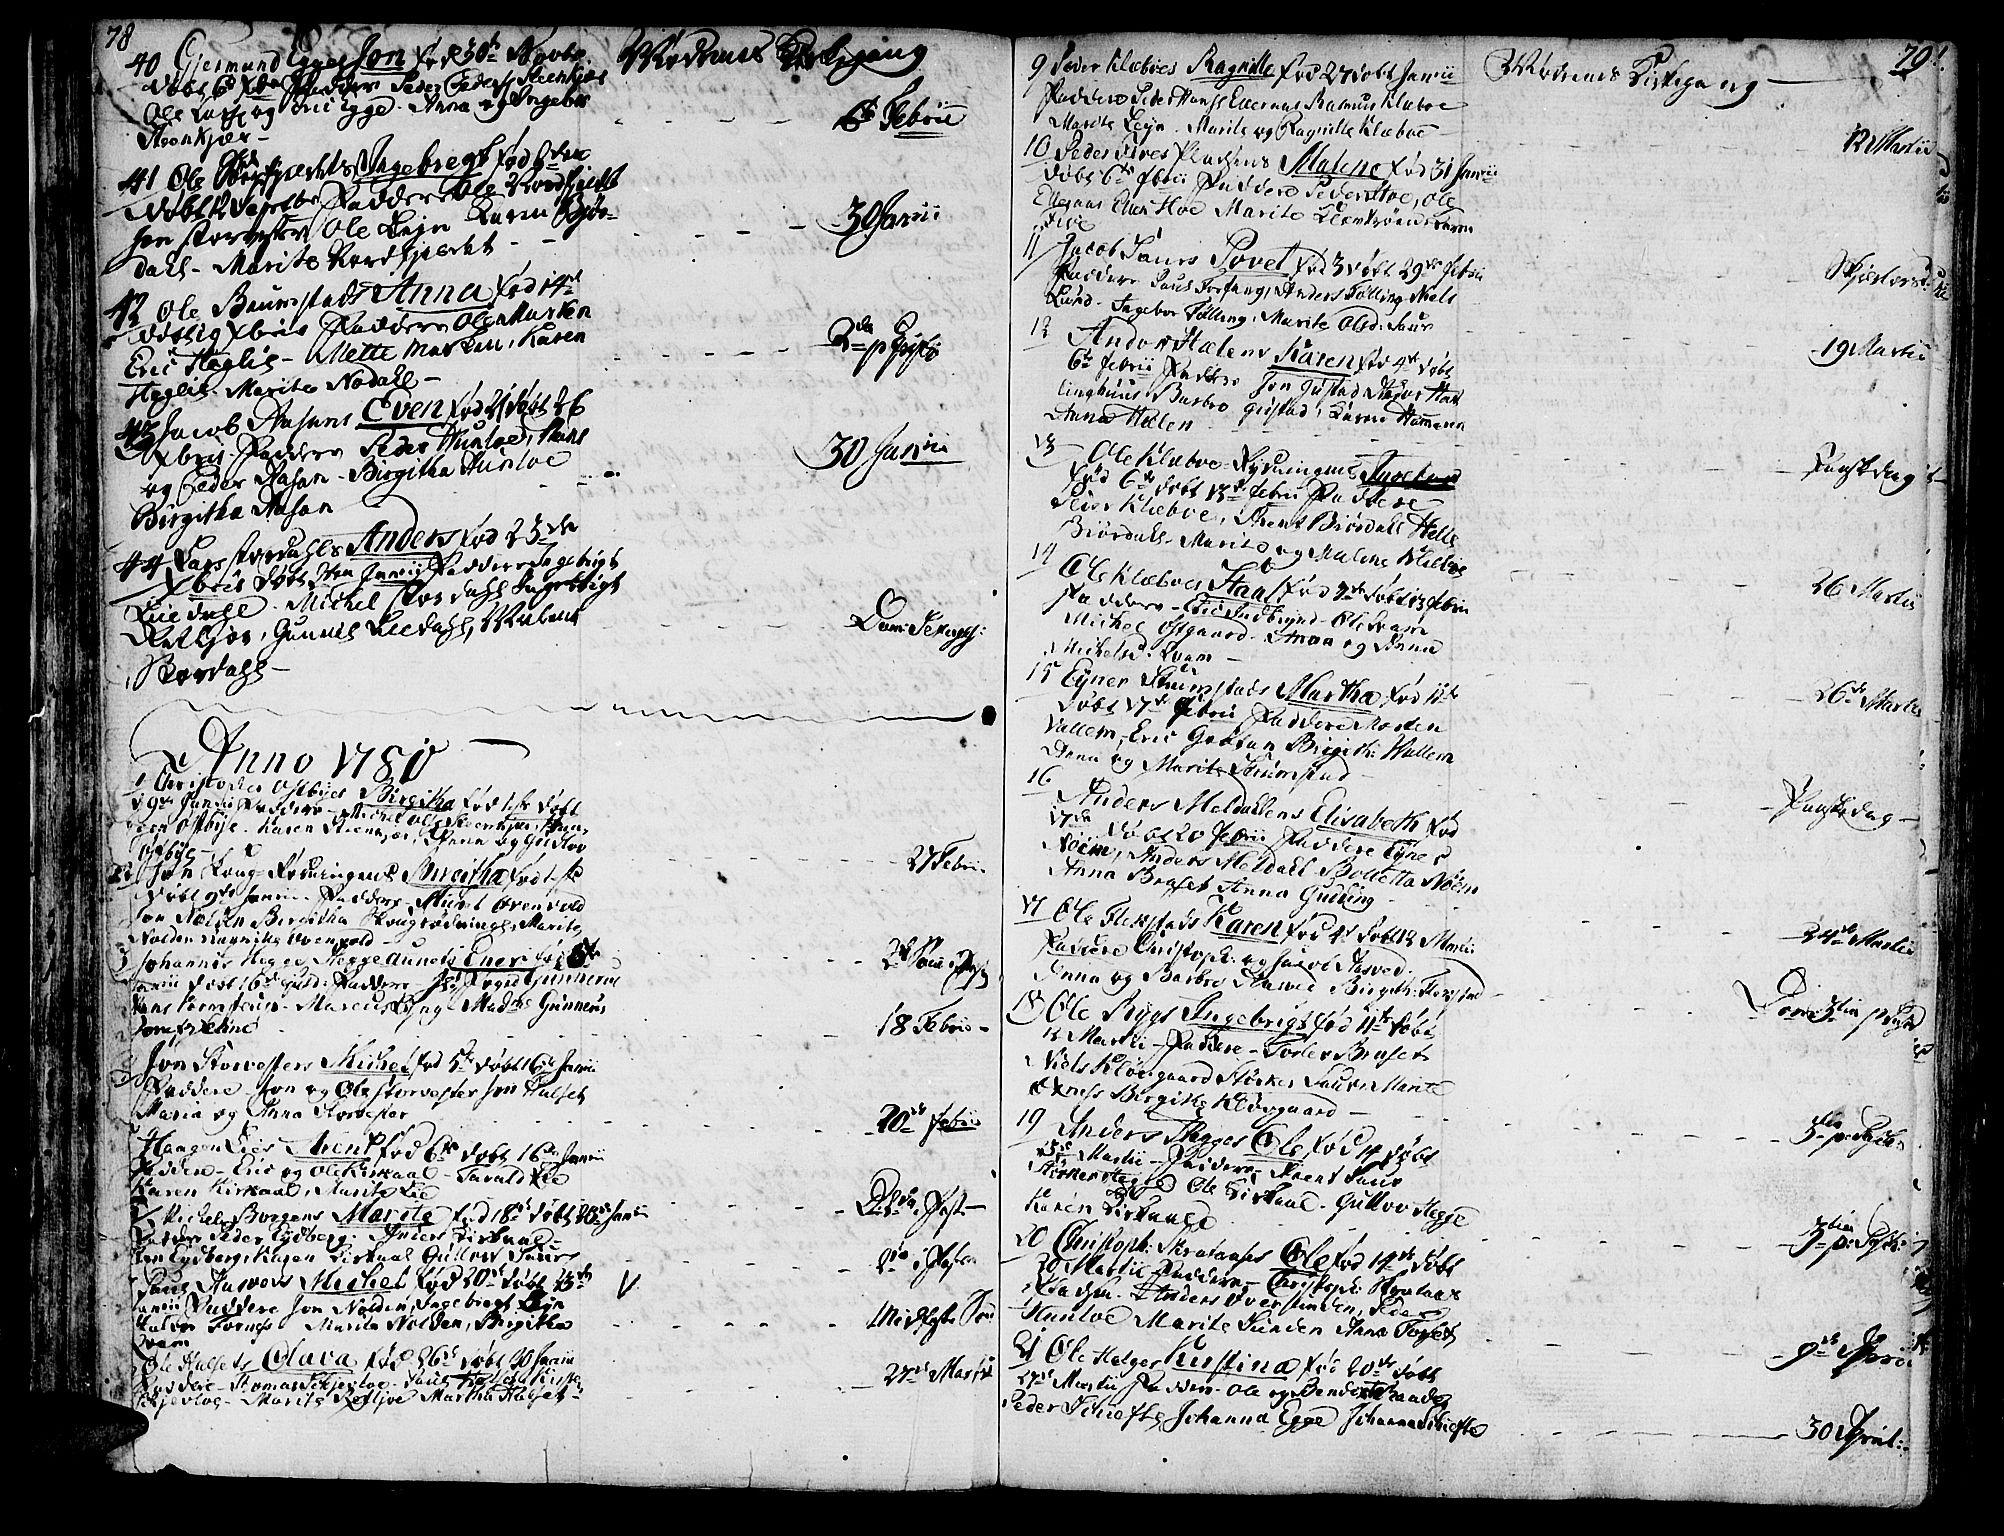 SAT, Ministerialprotokoller, klokkerbøker og fødselsregistre - Nord-Trøndelag, 746/L0440: Ministerialbok nr. 746A02, 1760-1815, s. 78-79